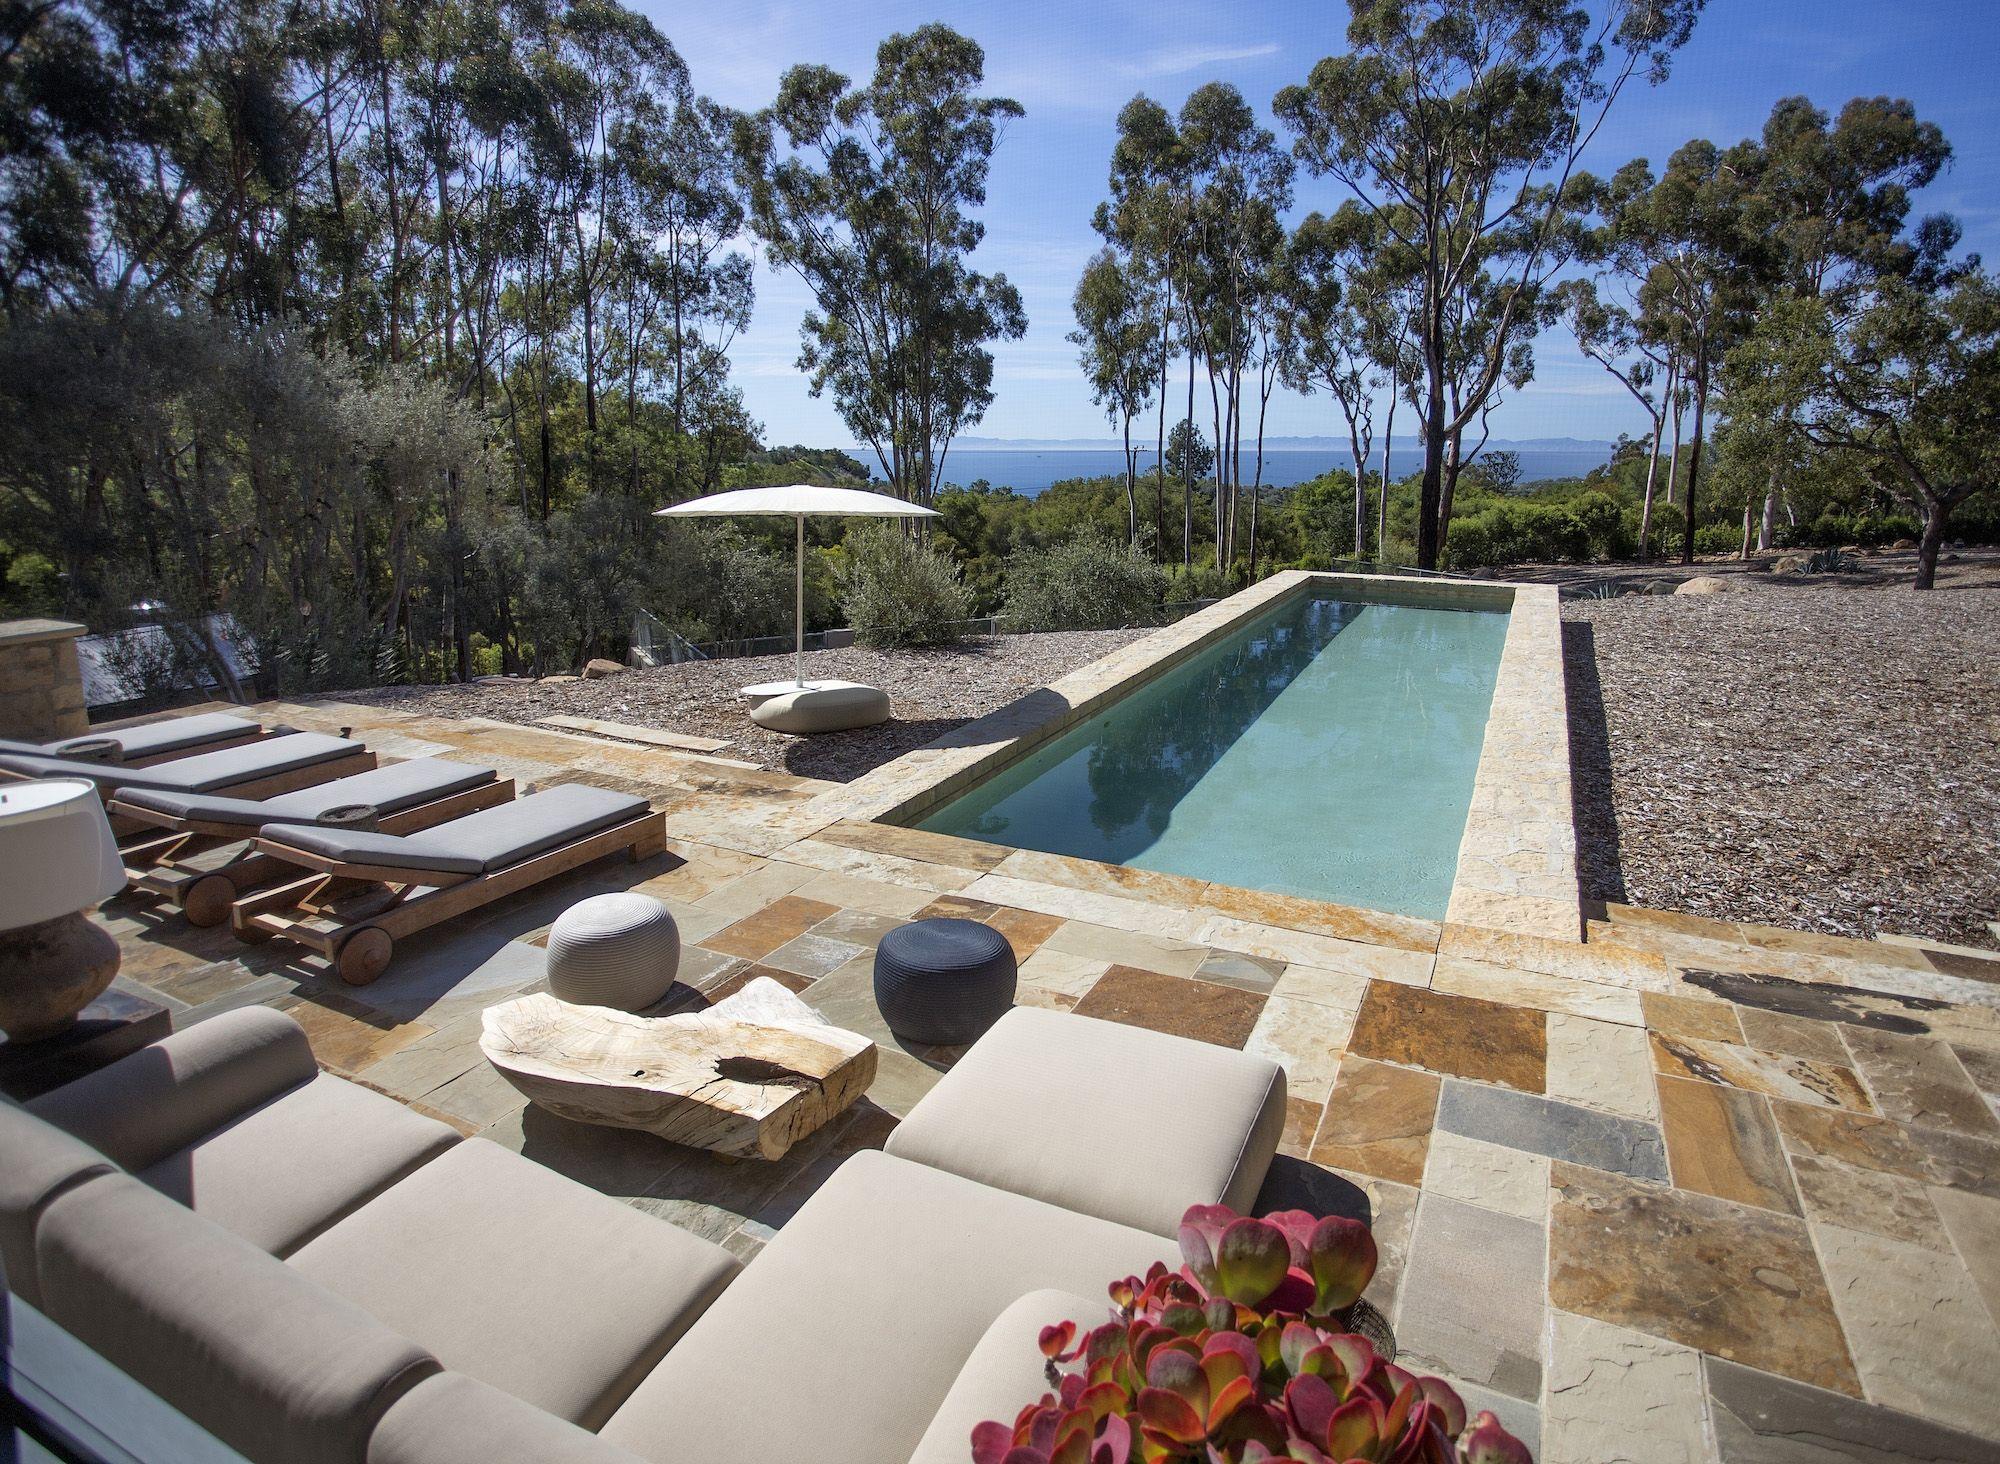 Celebrity Homes : Ellen DeGeneres is Selling Her Santa Barbara Villa celebrity homes Celebrity Homes : Ellen DeGeneres is Selling Her Santa Barbara Villa Celebrity Homes Ellen DeGeneres is Selling Her Santa Barbara Villa 5